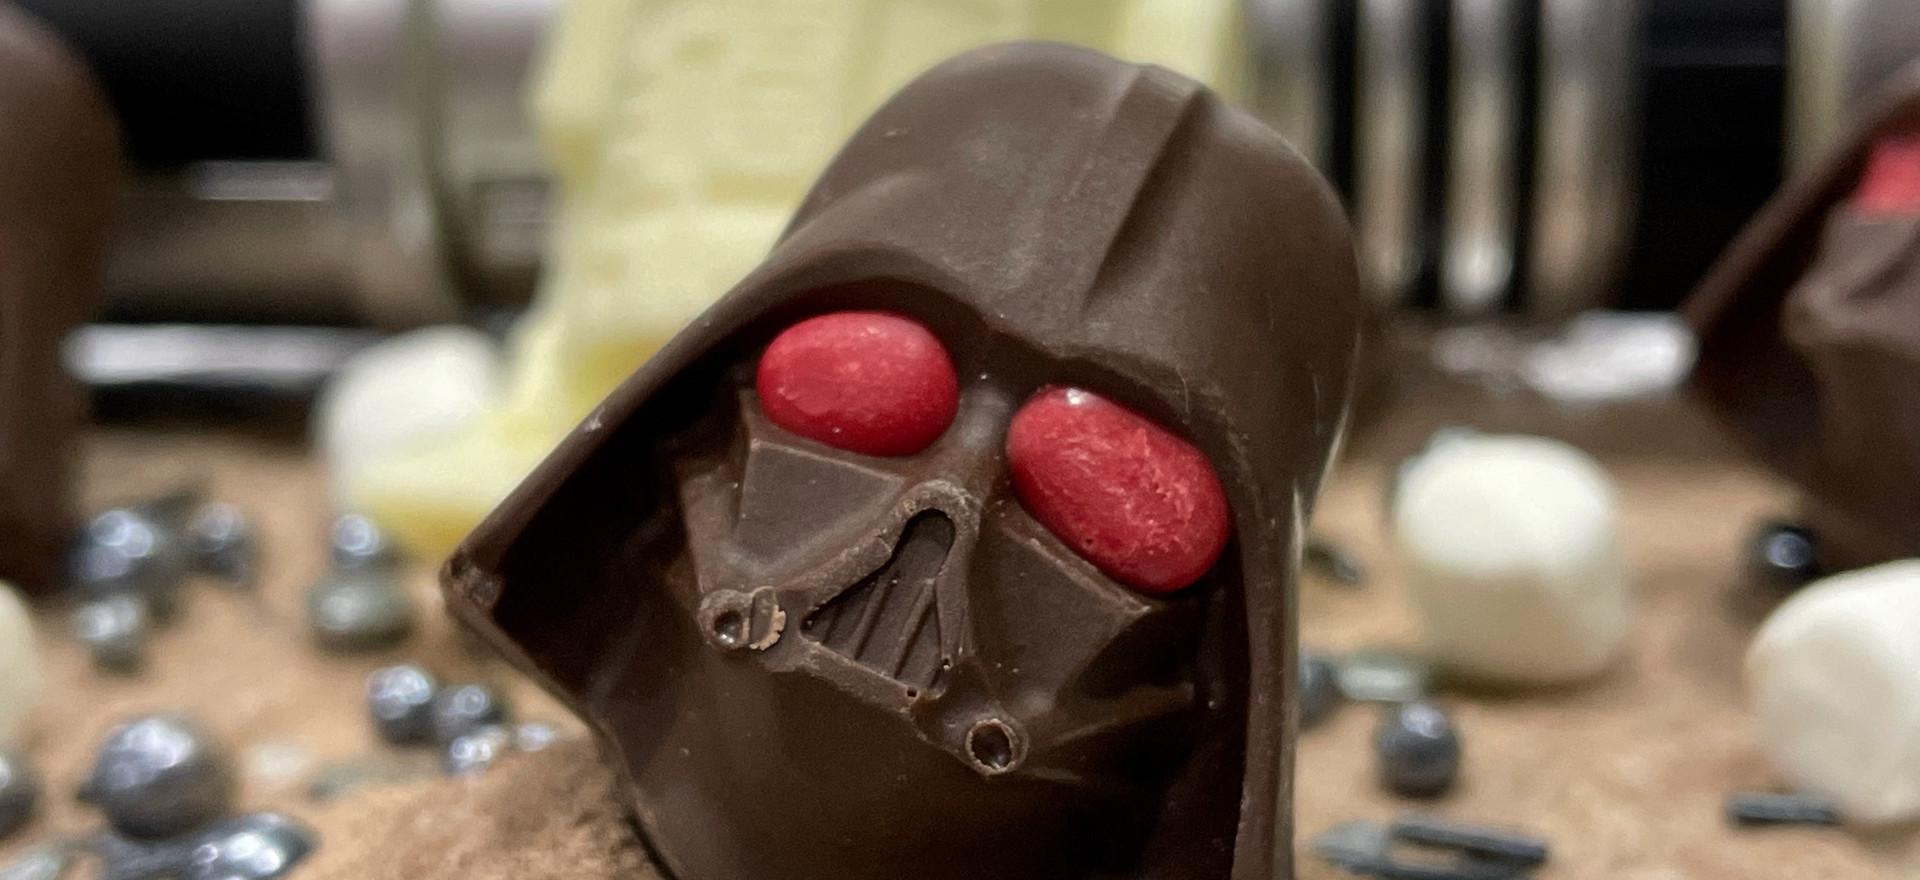 Star Wars Cocoa Bombs (Darth Vader, Yoda, and R2-D2) | $30